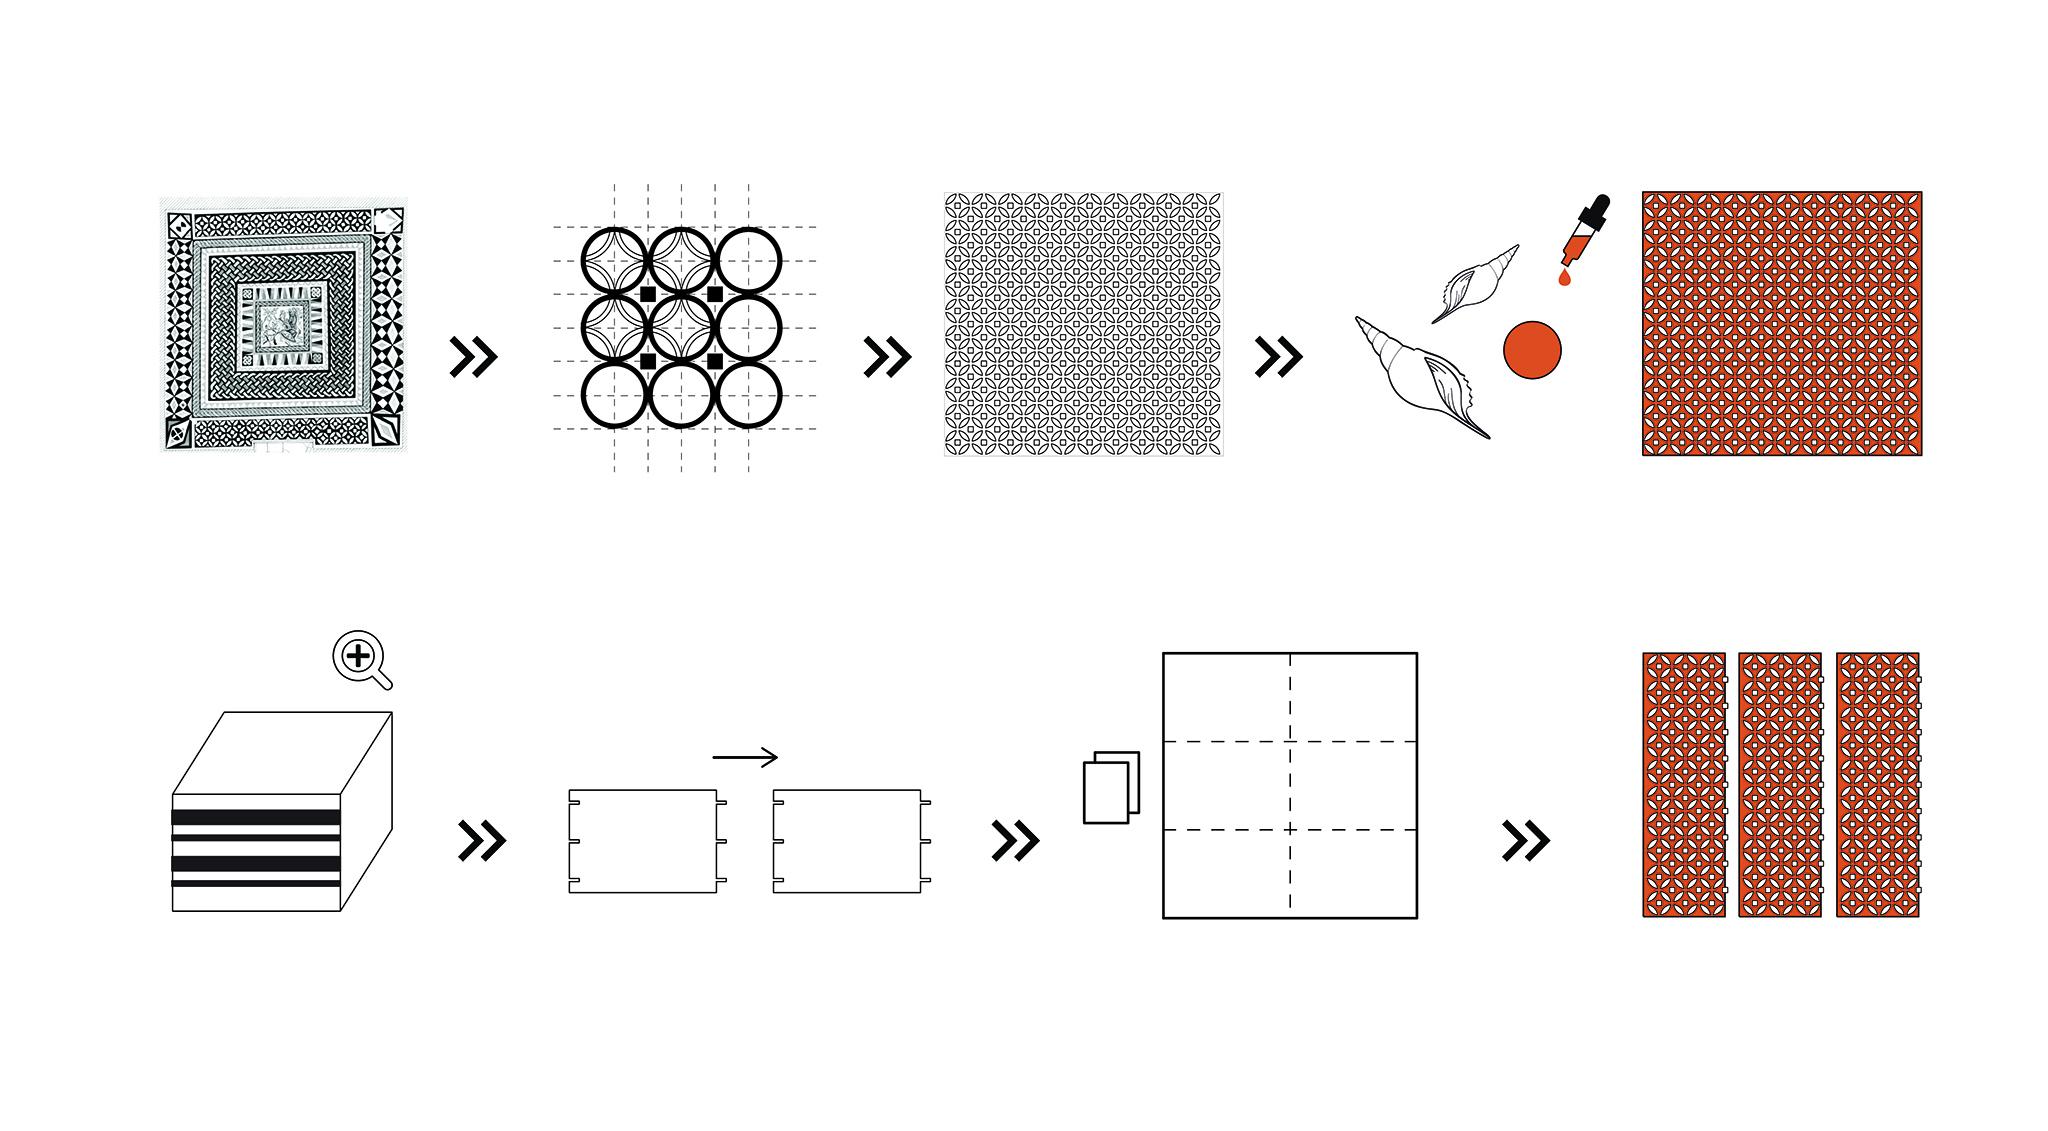 110_NAMS_05_Concept_diagram_facade02_no_text.jpg